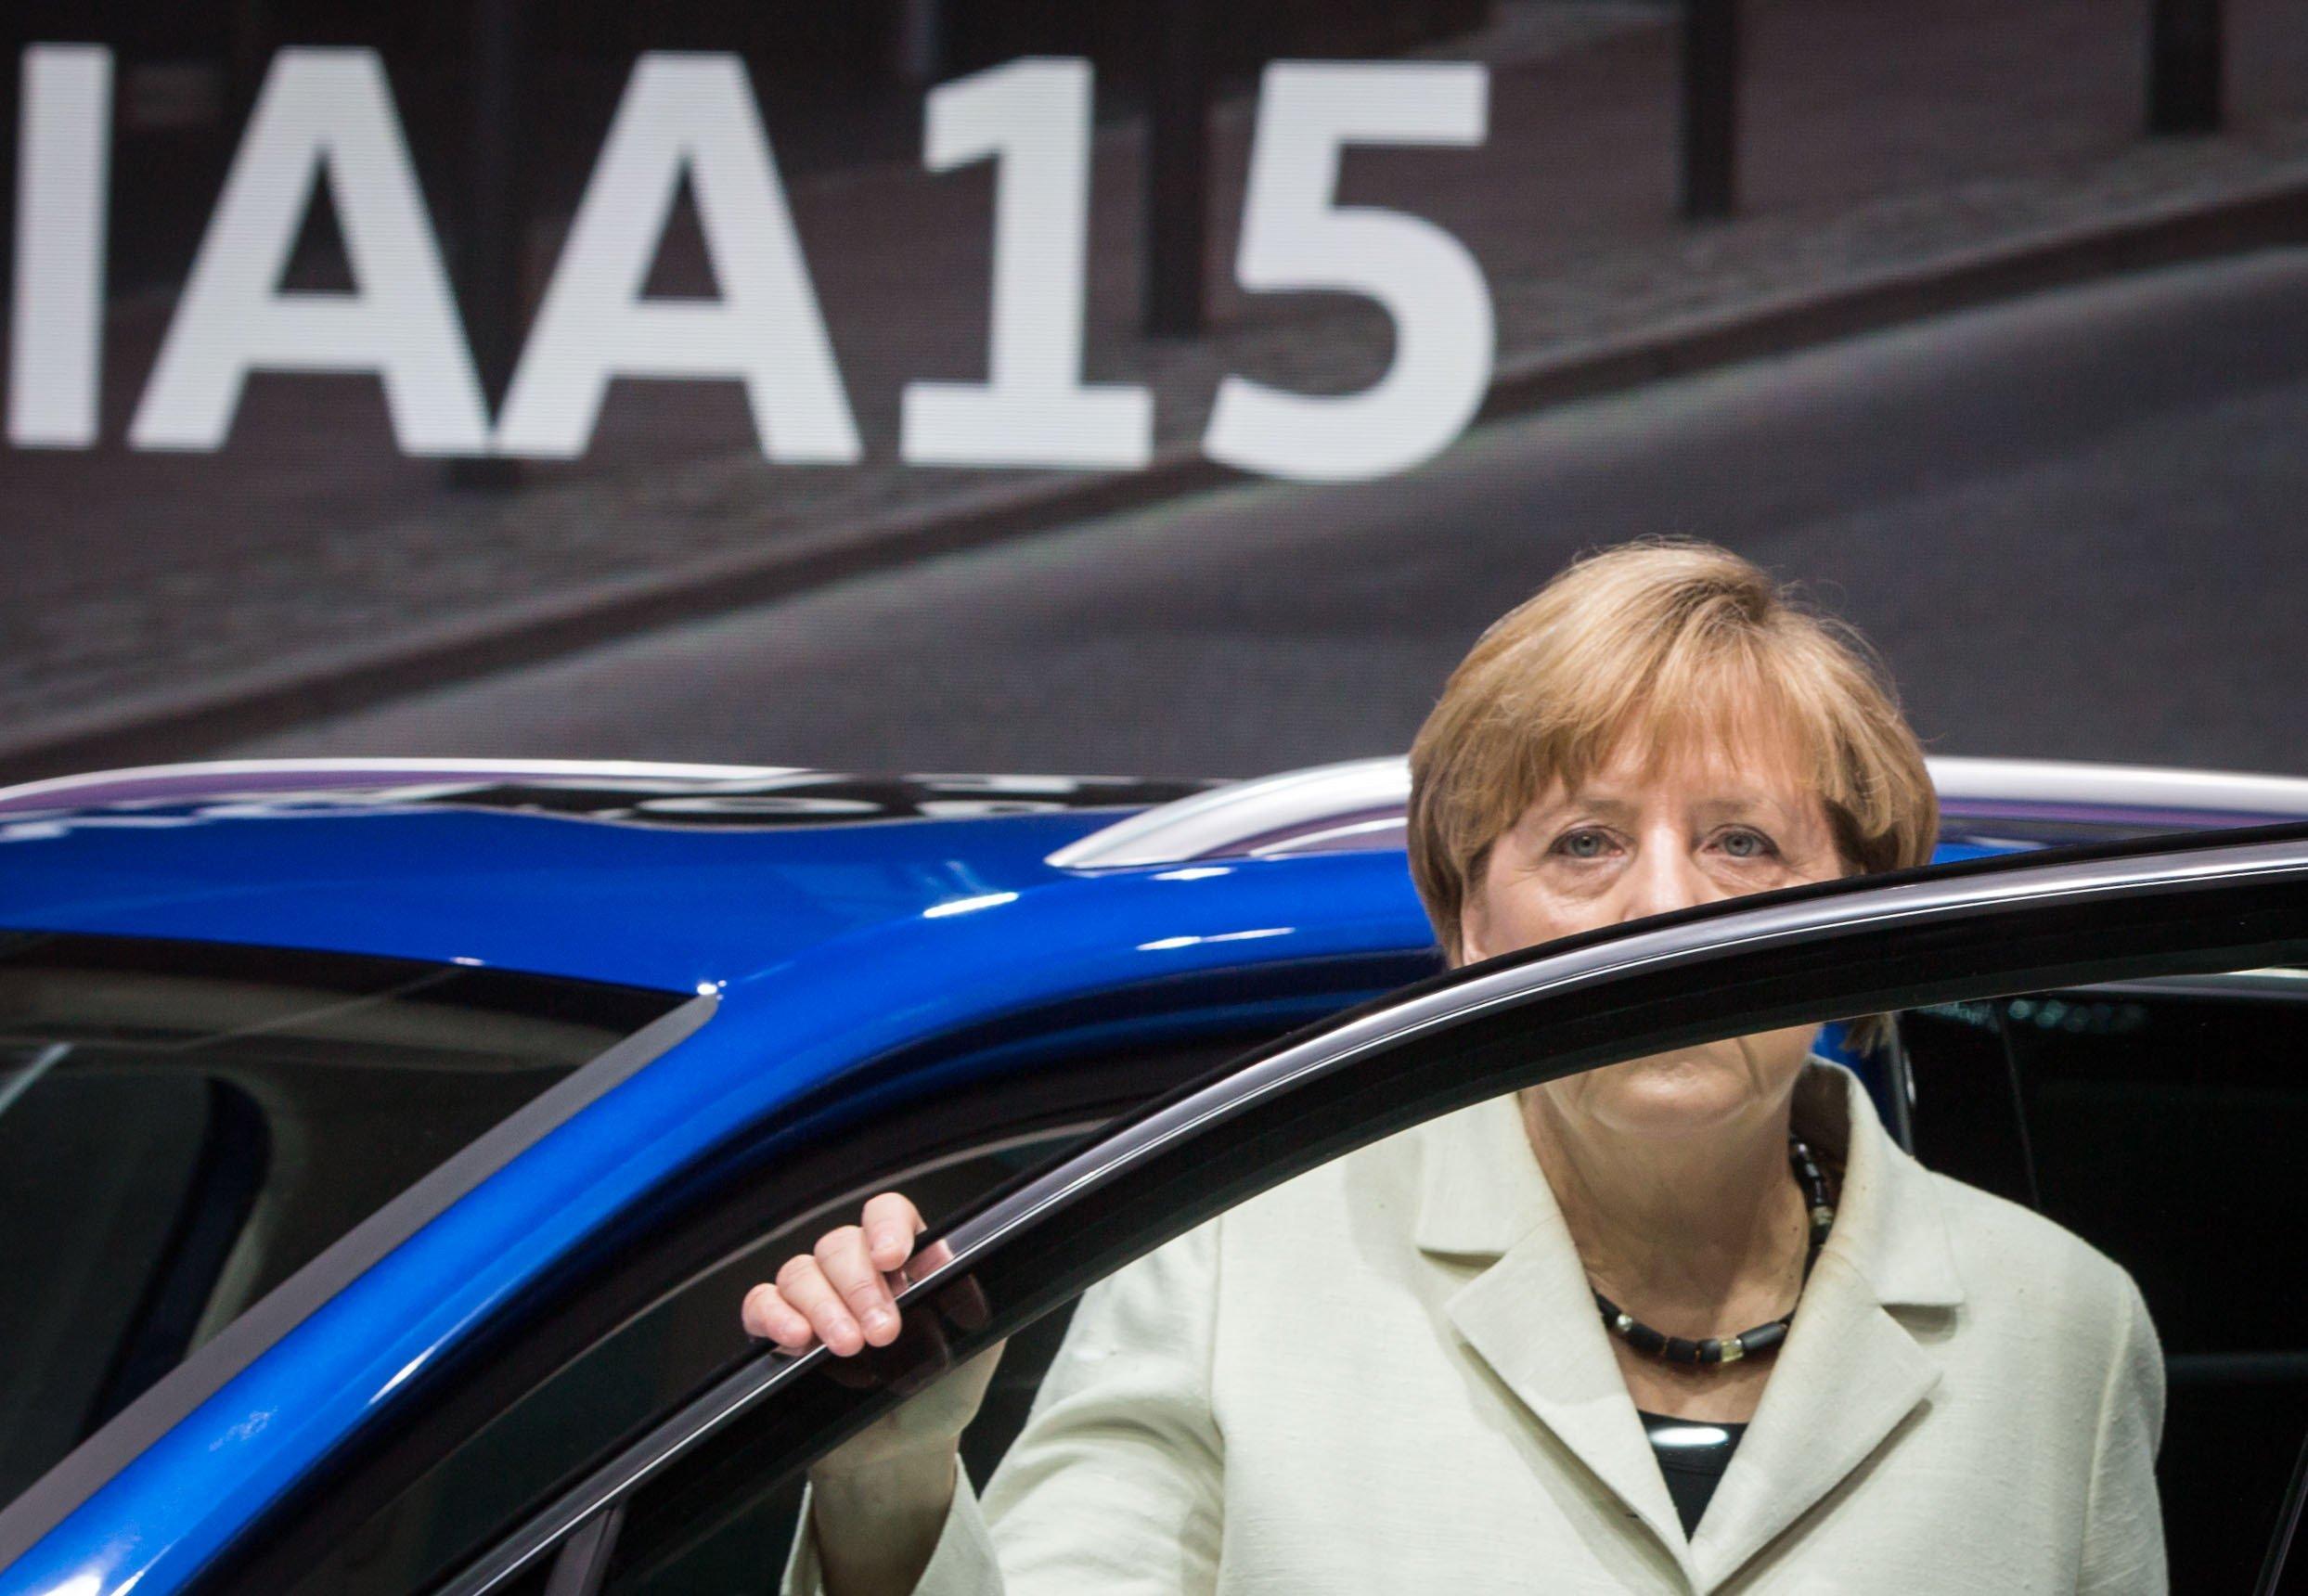 Bundeskanzlerin Angela Merkel versuchte am Wochenende im VW-Skandal zu beschwichtigen: Dadurch werde die